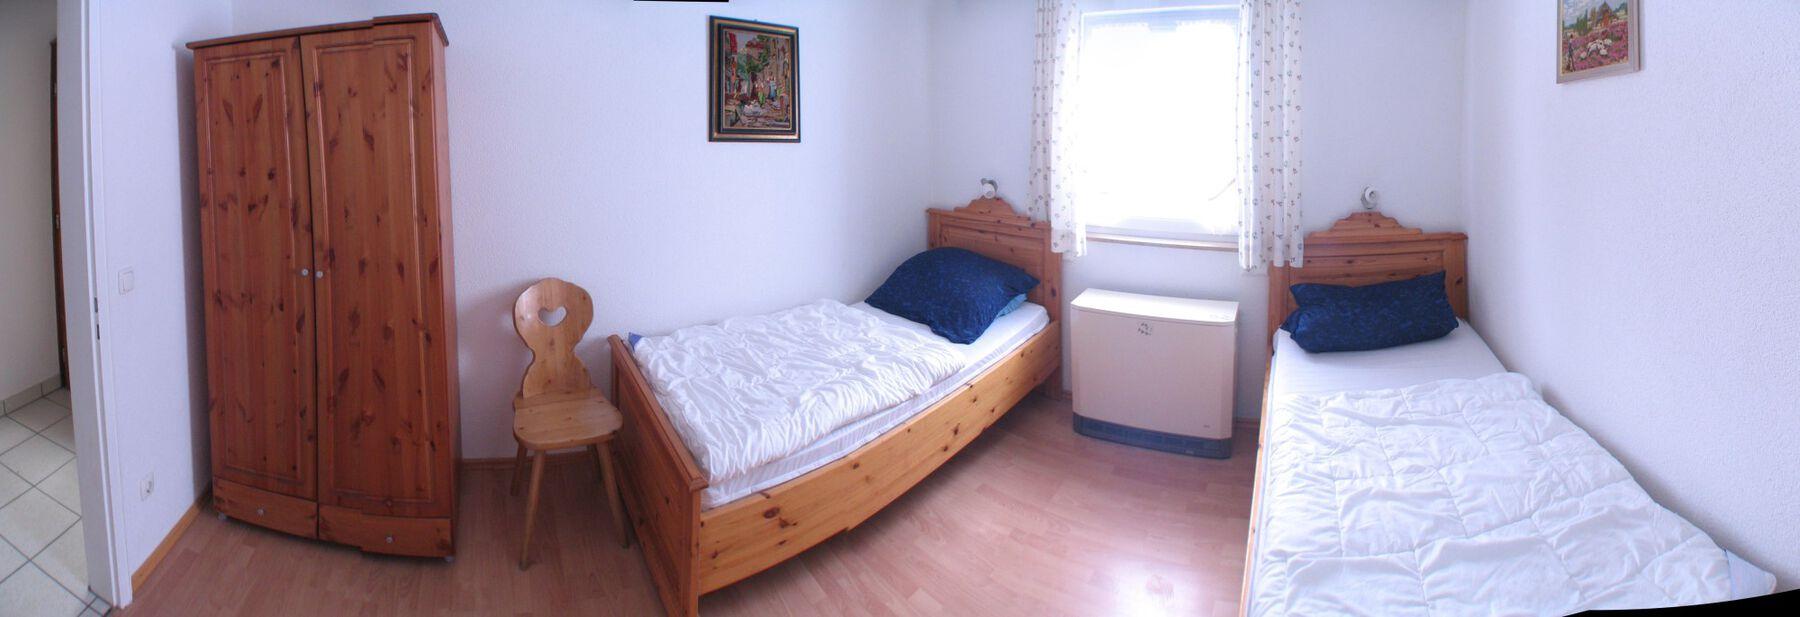 :Vorderes Zimmer